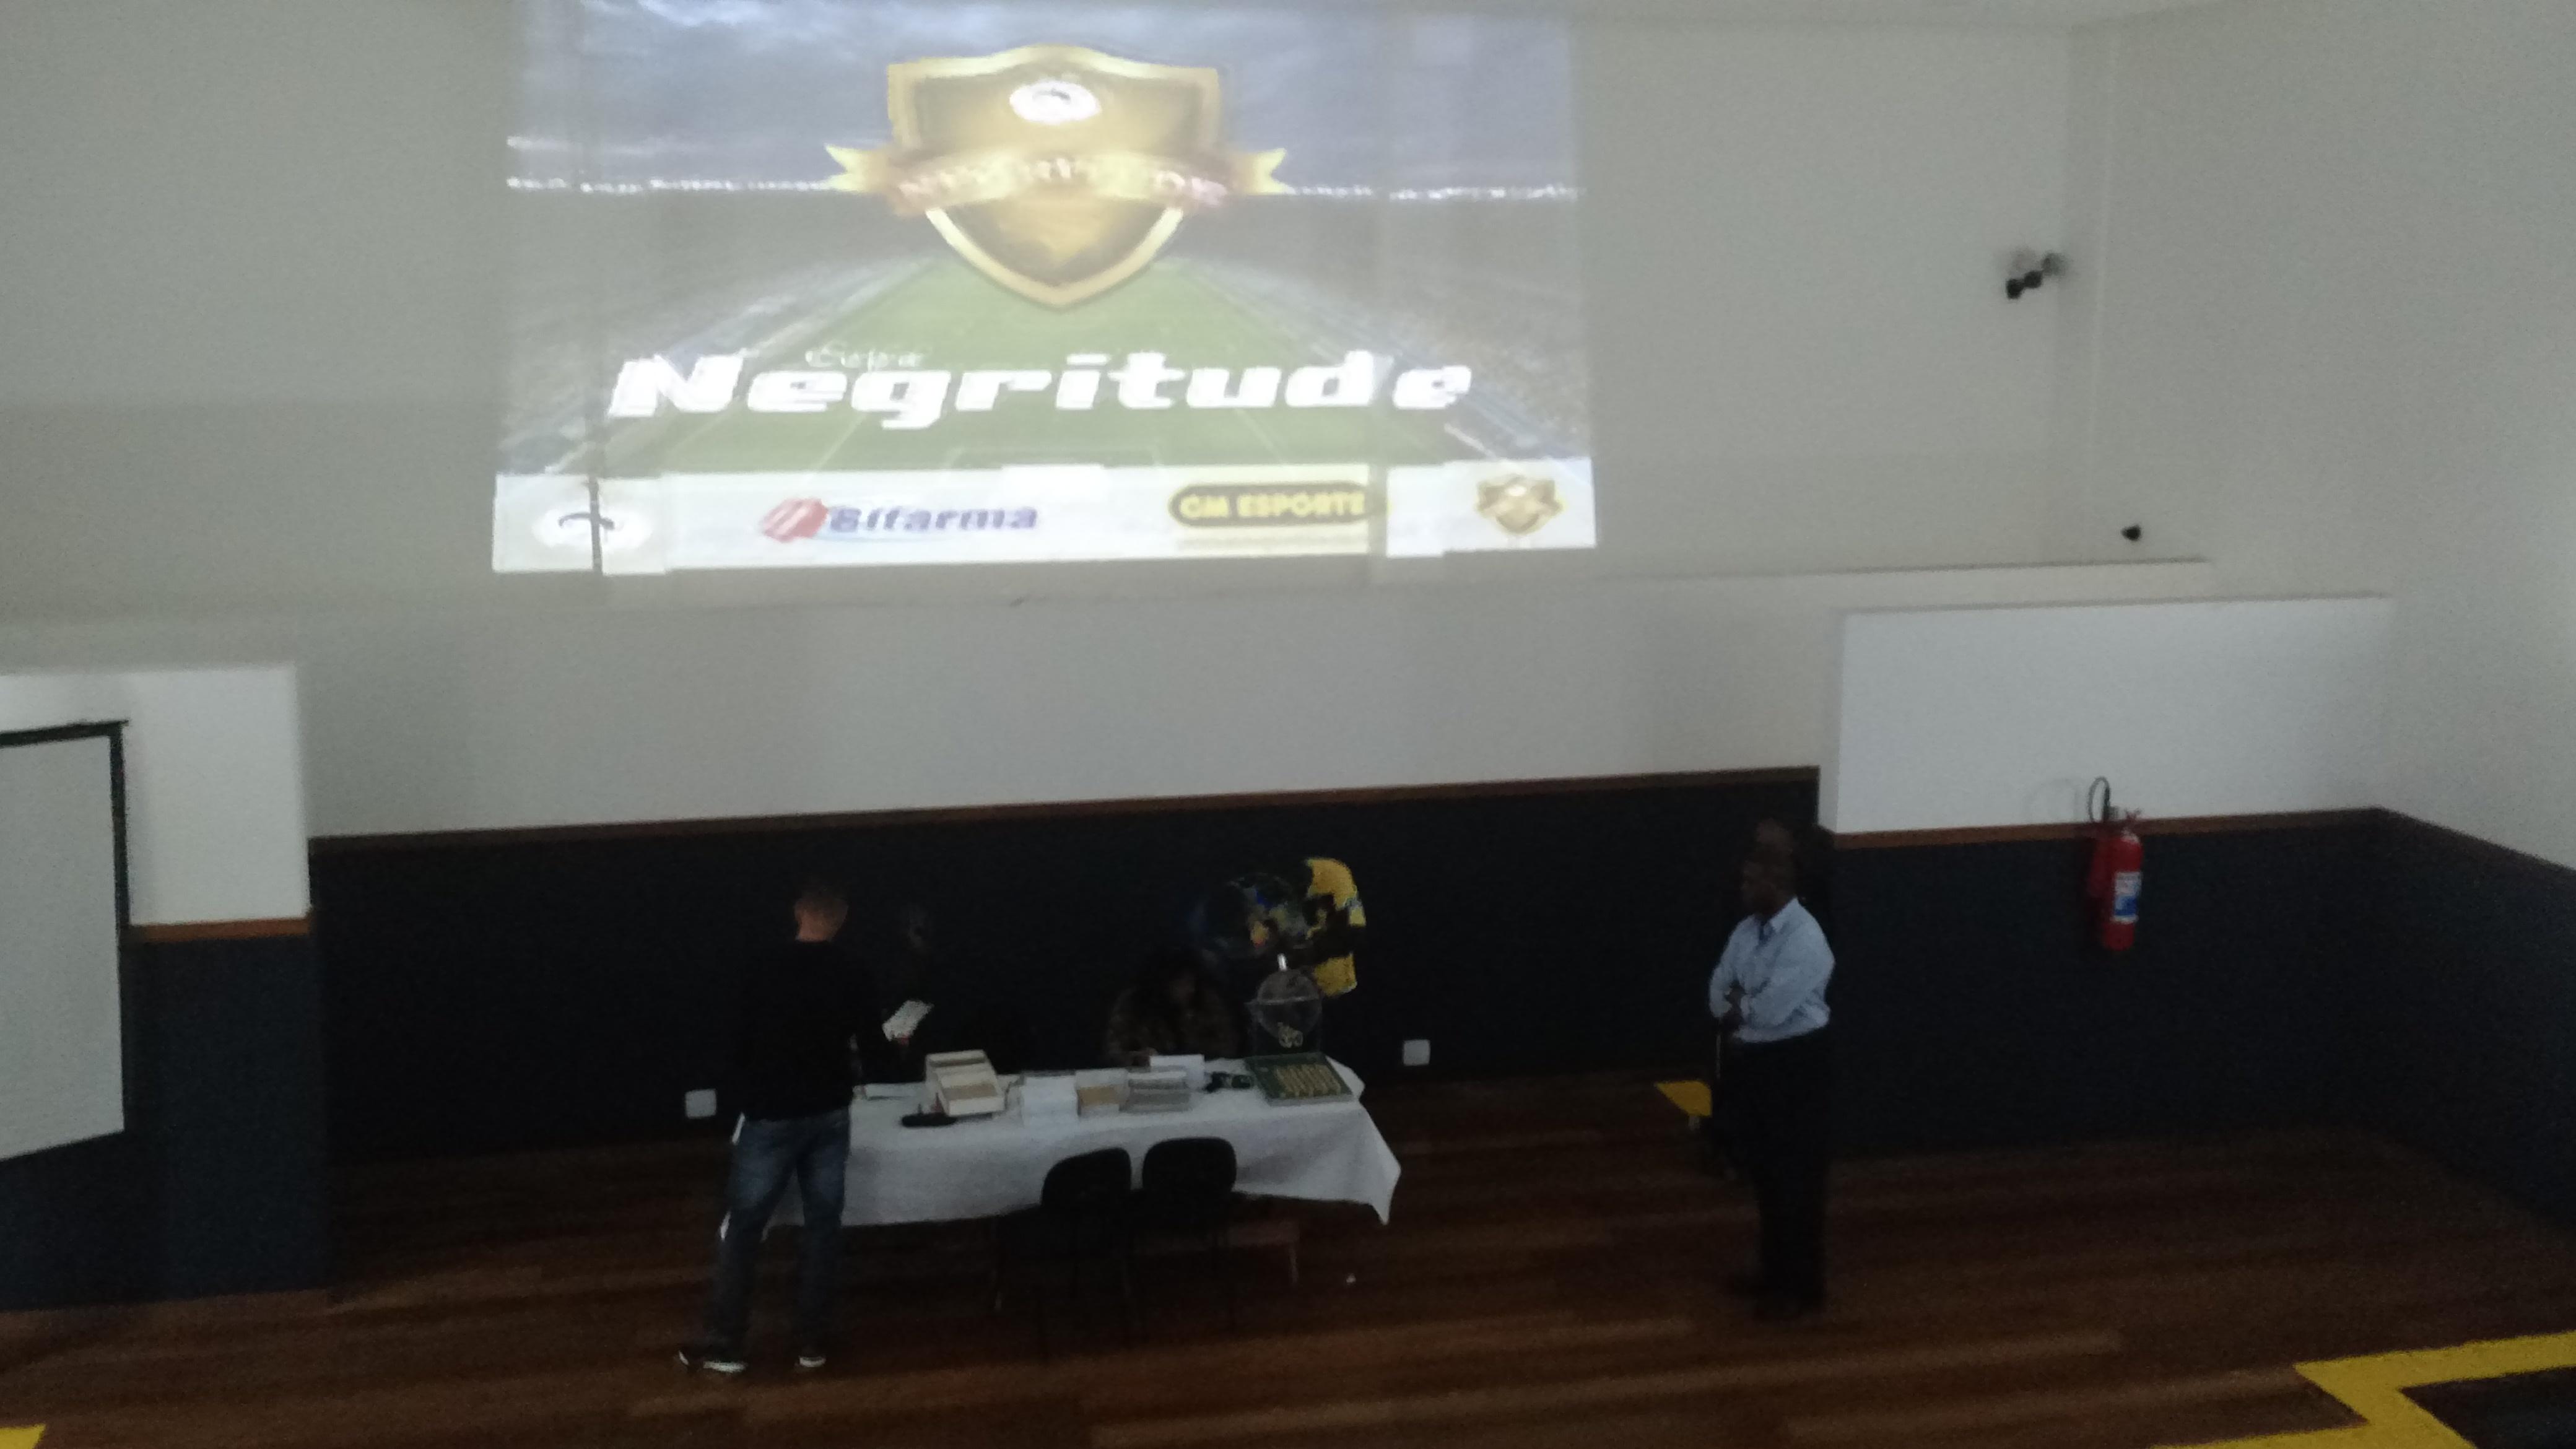 Sorteados os grupos da Copa Negritude – Futebol é Coisa Séria b97284e1aa70b